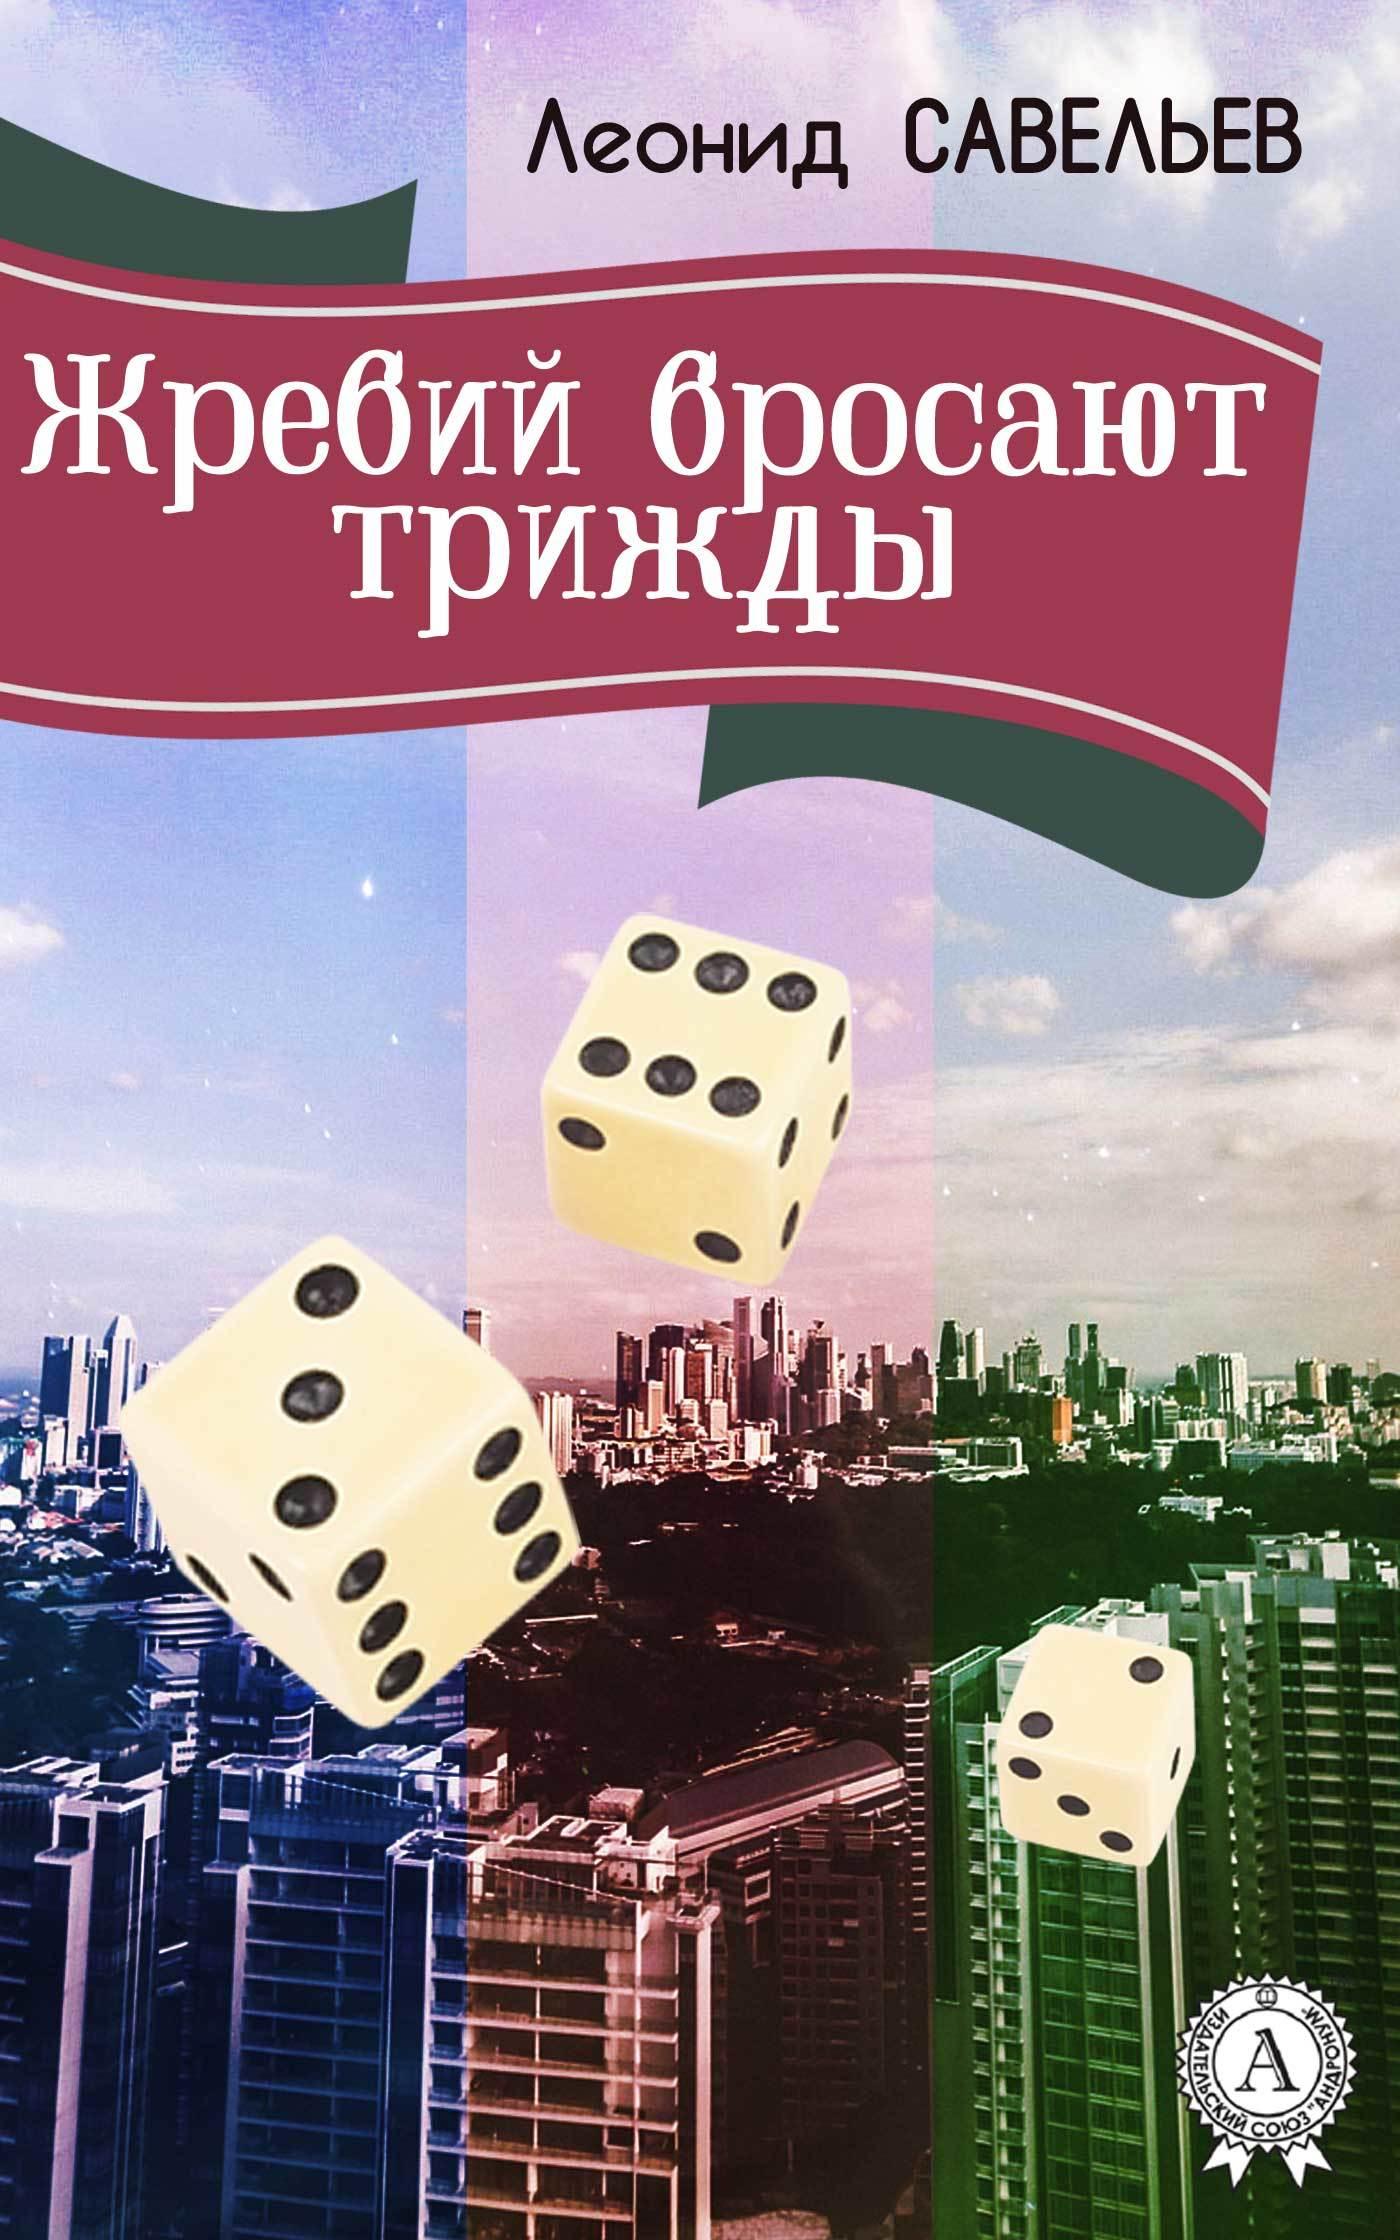 Леонид Савельев Жребий бросают трижды